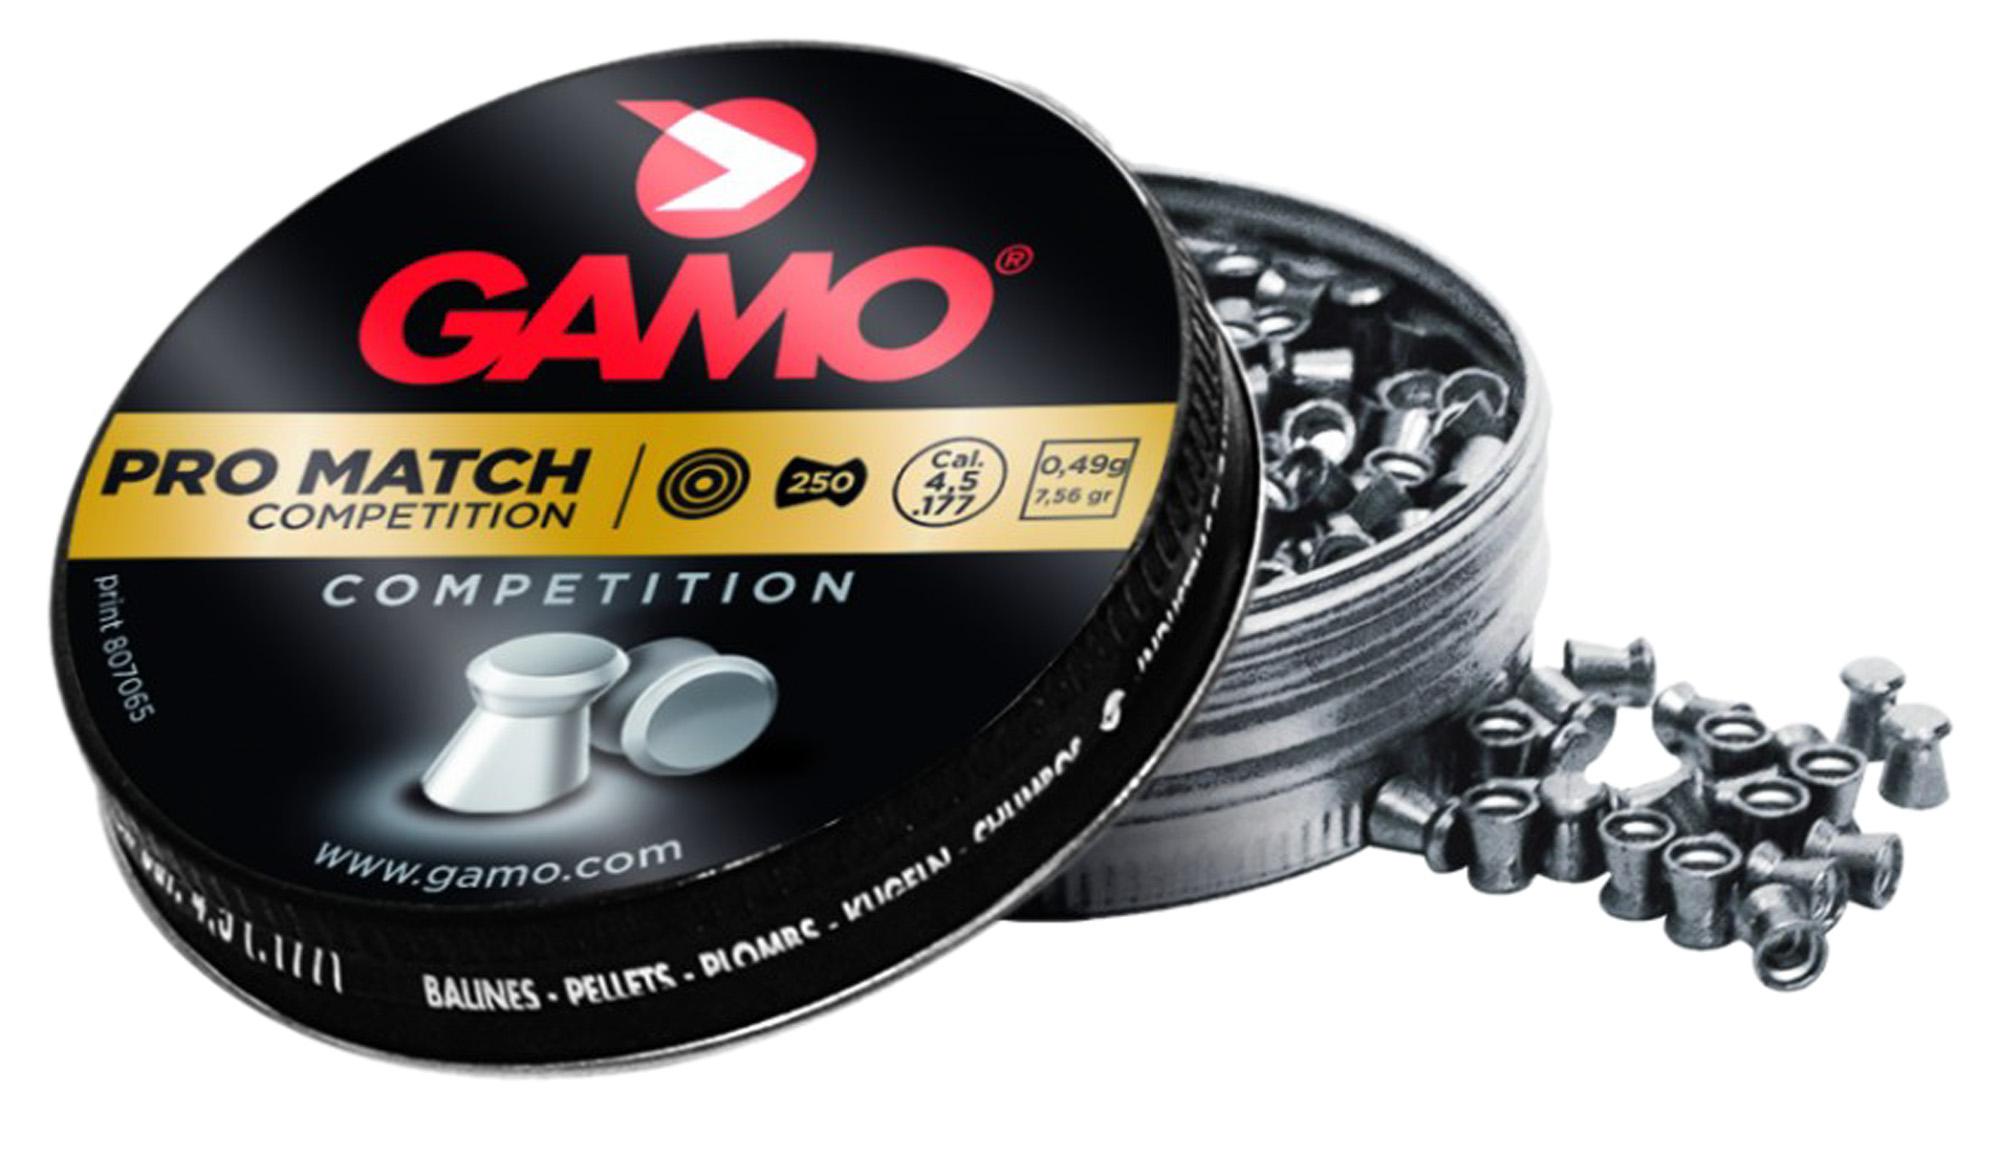 Boîte de 250 plombs Gamo Pro Match Competition calibre 4,5 mm